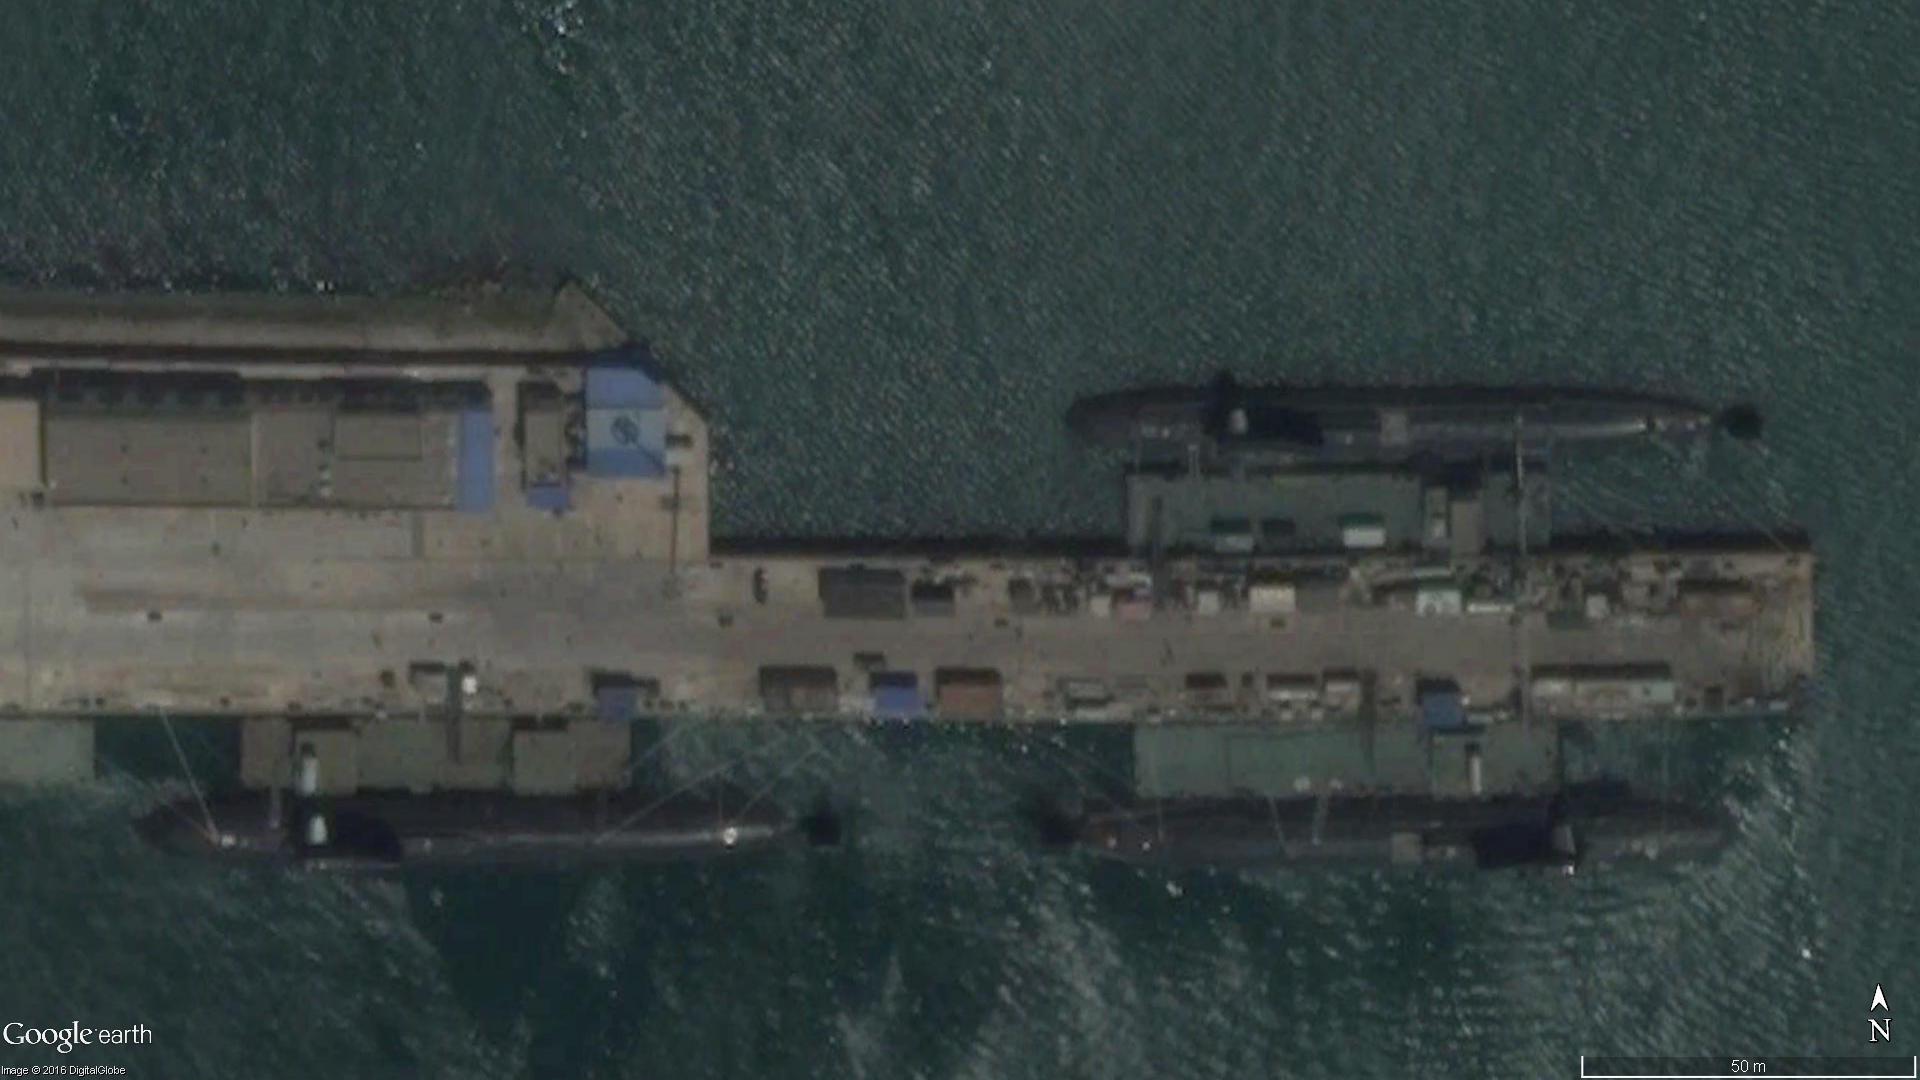 l'image du 13 Juillet 2015 au chantier naval de Bohai montre 3 SNA en agencement.